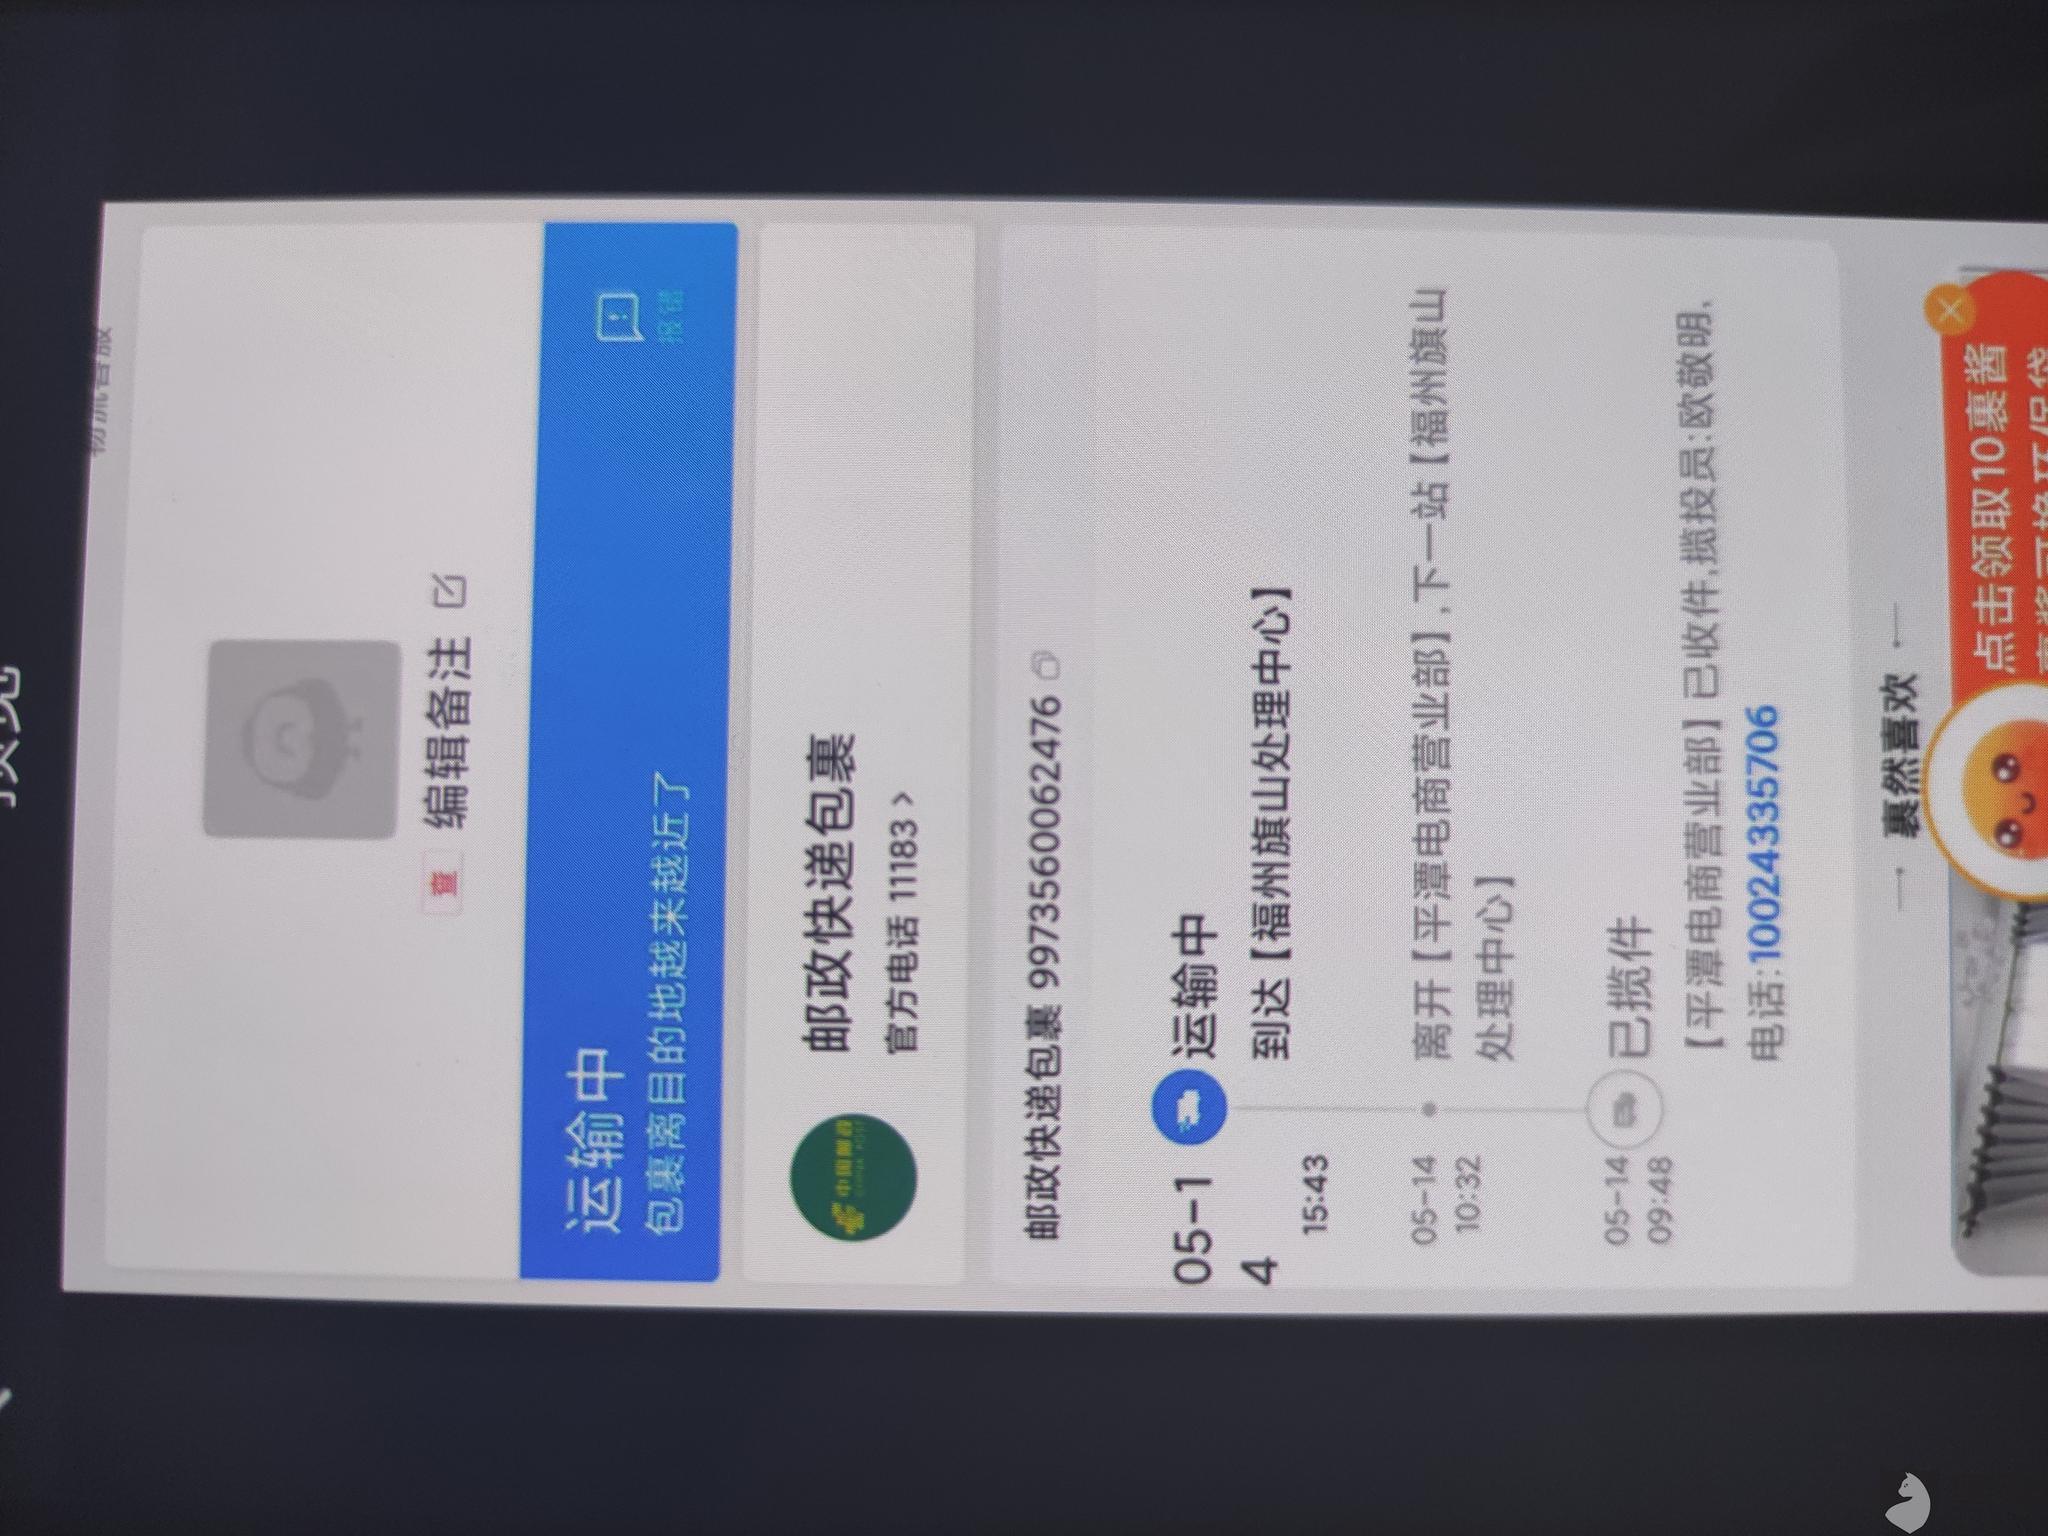 黑猫投诉:福州旗山处理中心压件延误,10天了一直没有物流信息